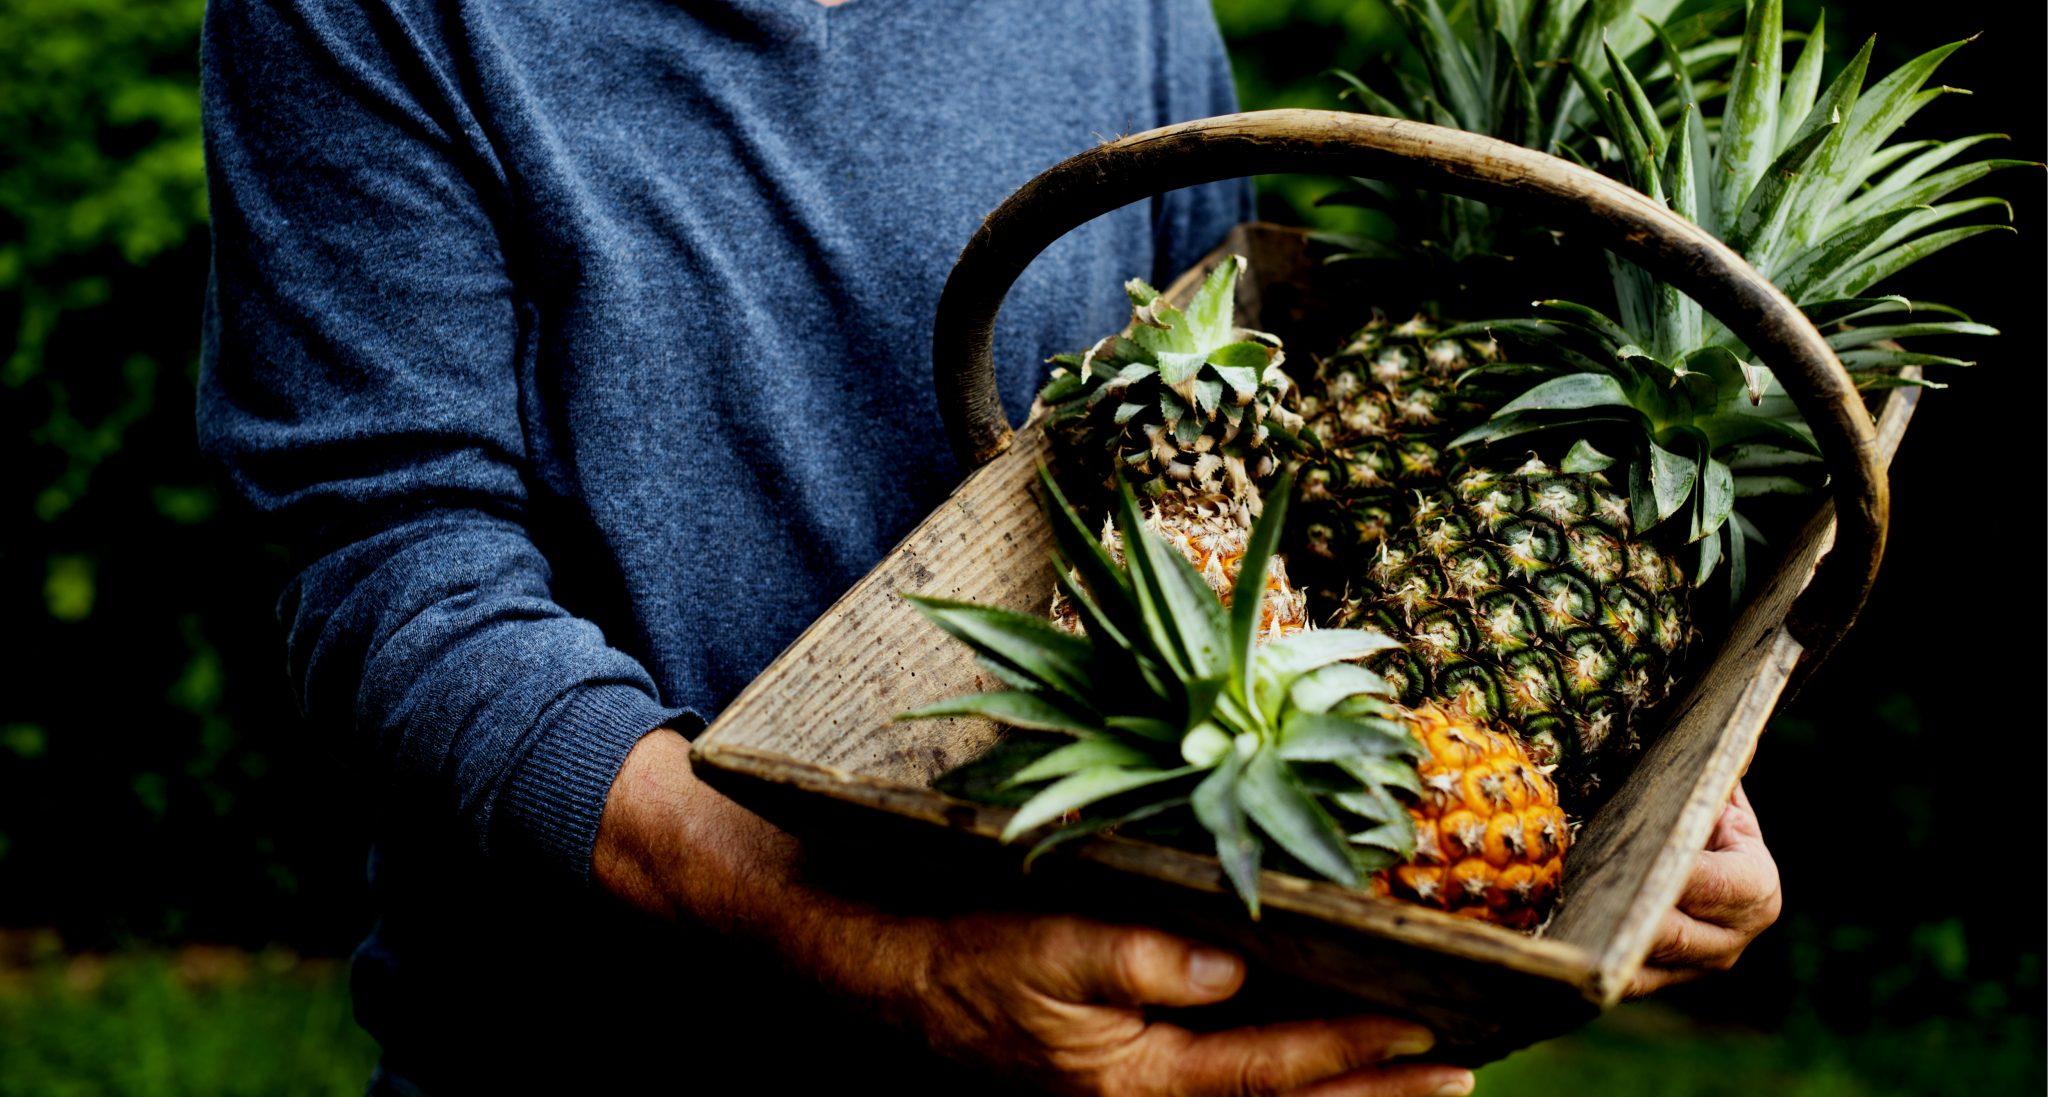 採れたてのパイナップルを抱えている男性